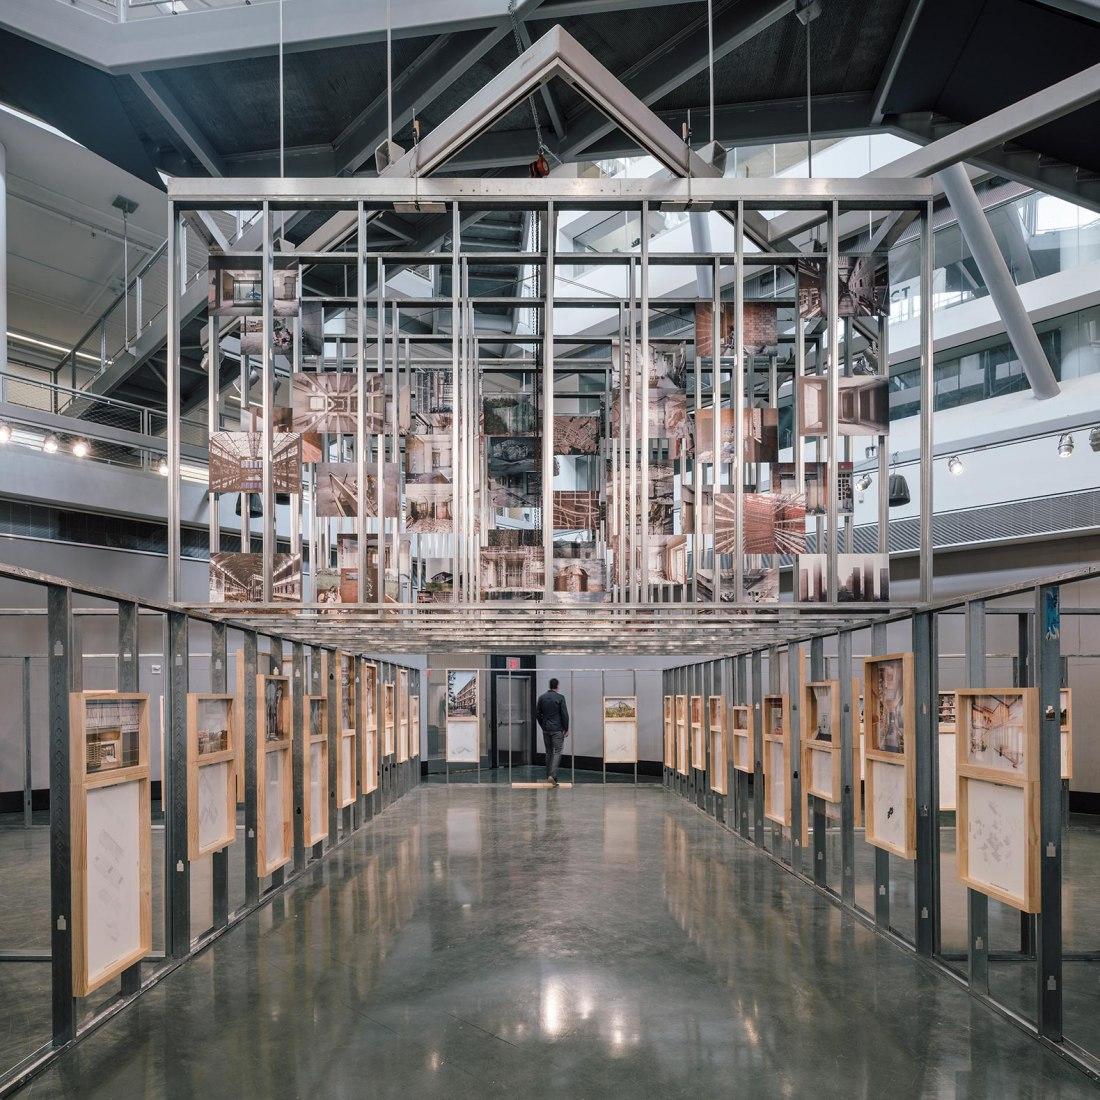 Unfinished en el City College de Nueva York por RICA Studio. Fotografía por Imagen Subliminal